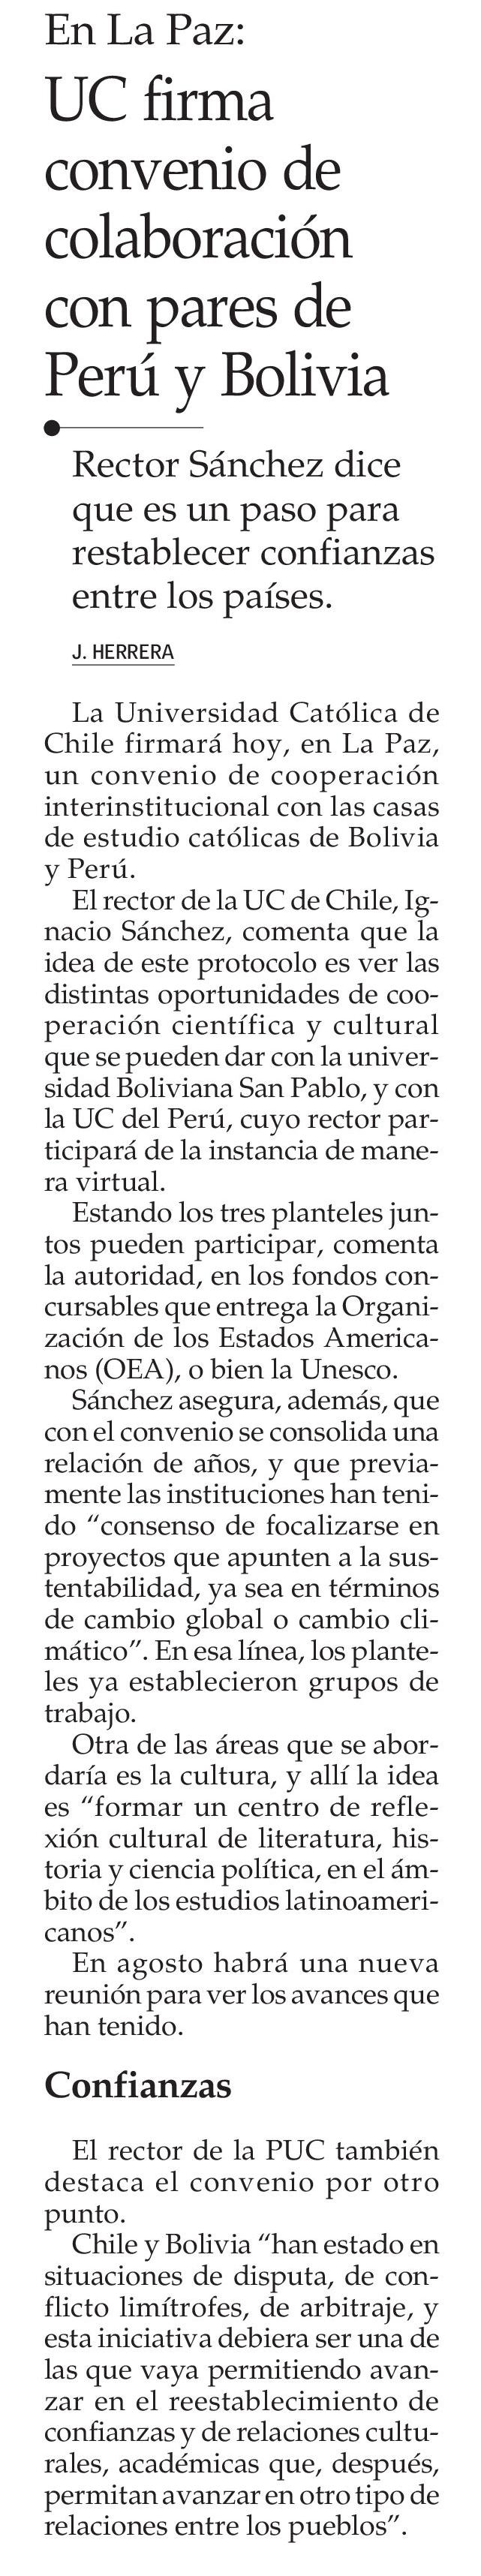 UC_elmercurio_28.1.2019